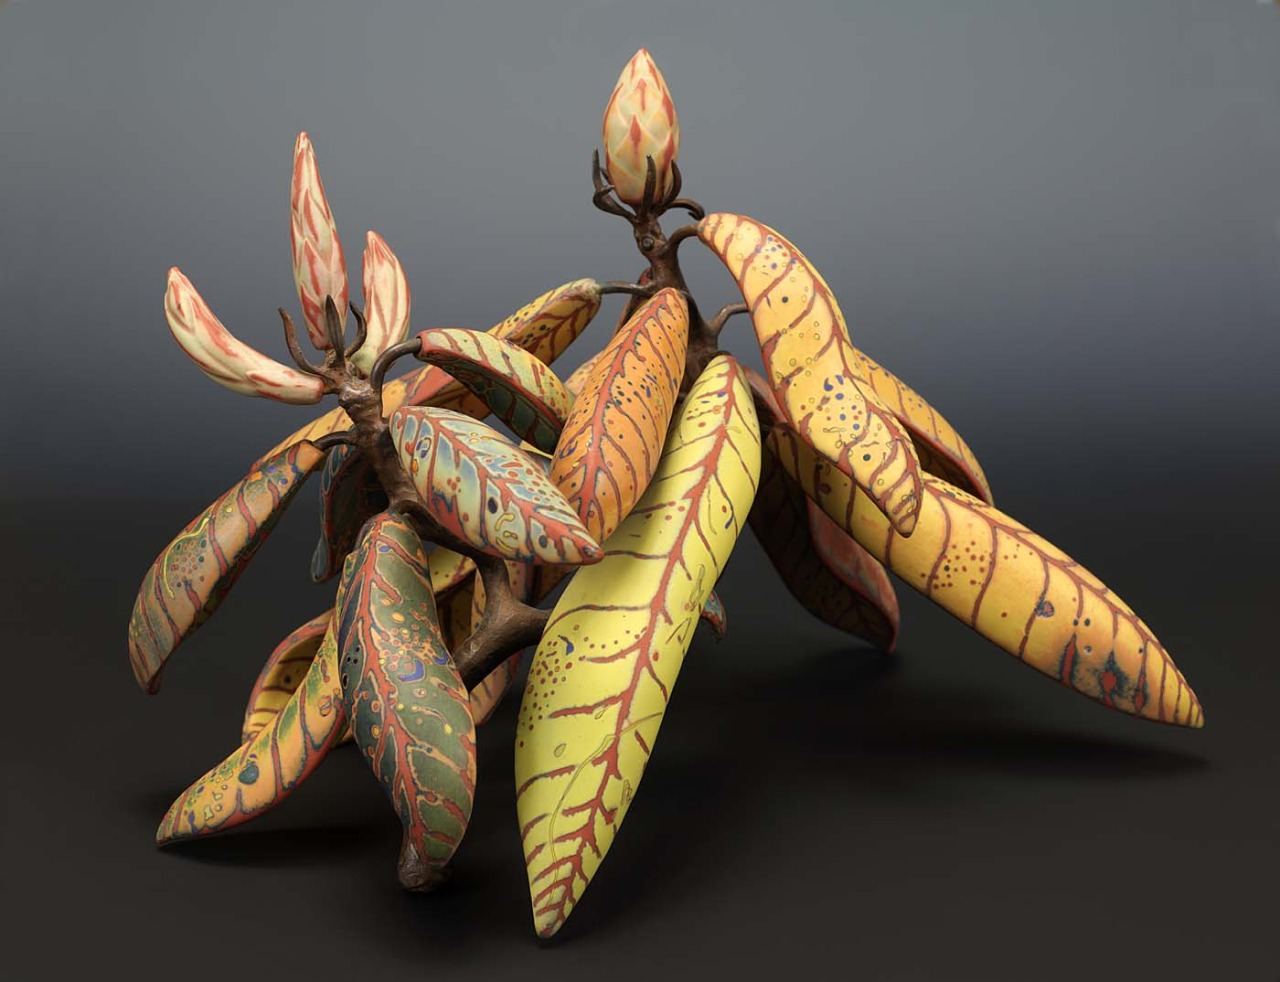 The Amazing Ceramic and Clay Award Winning work of Michael Sherrill